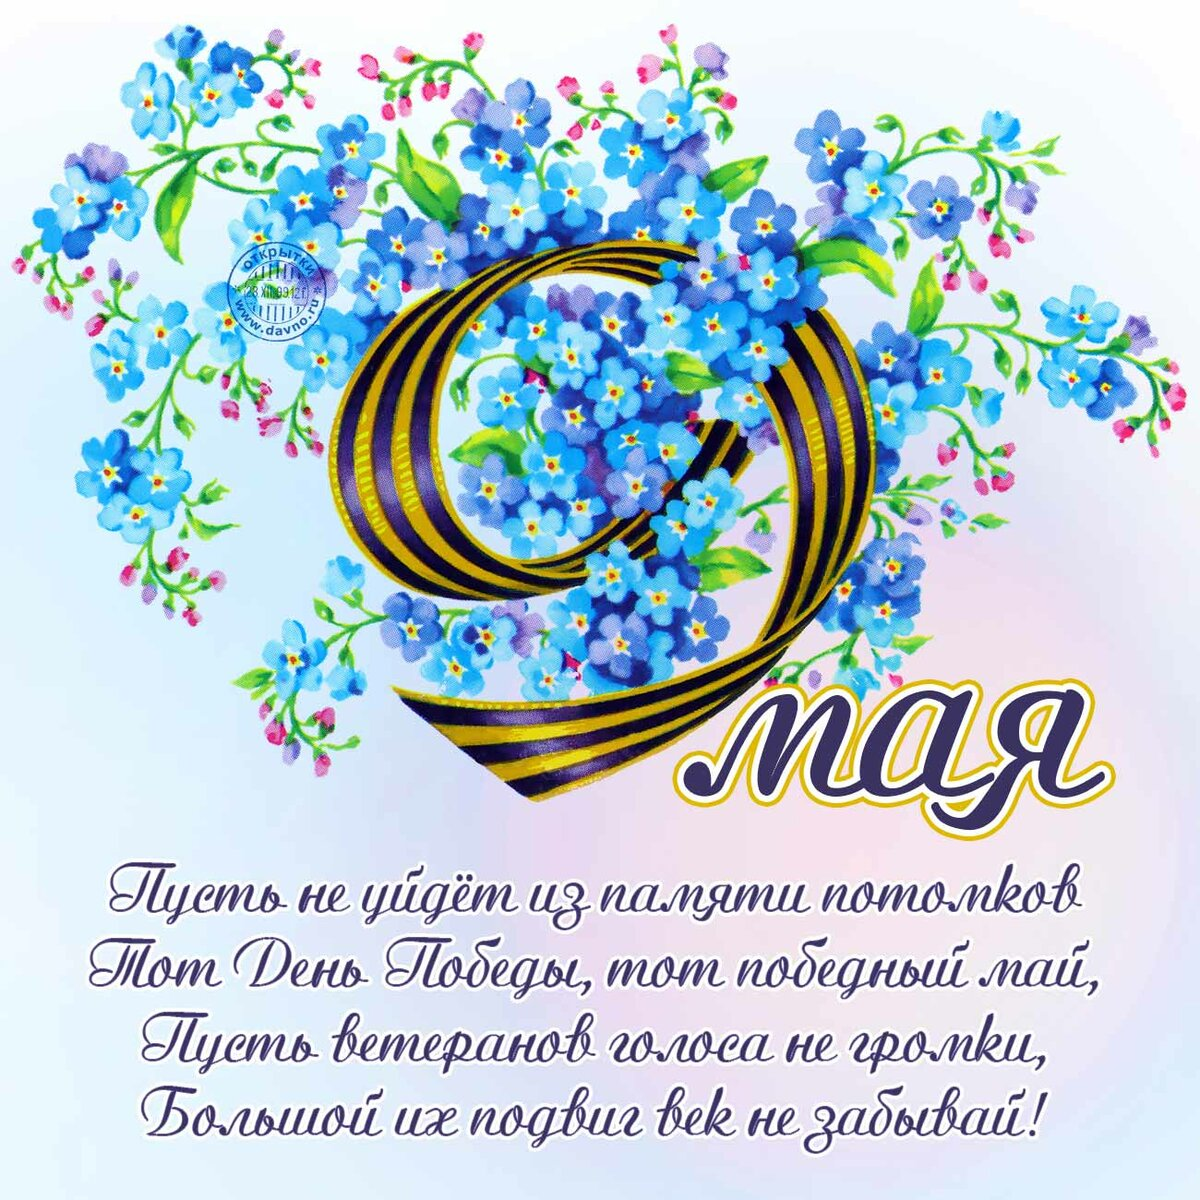 Поздравления на открытку к 9 мая